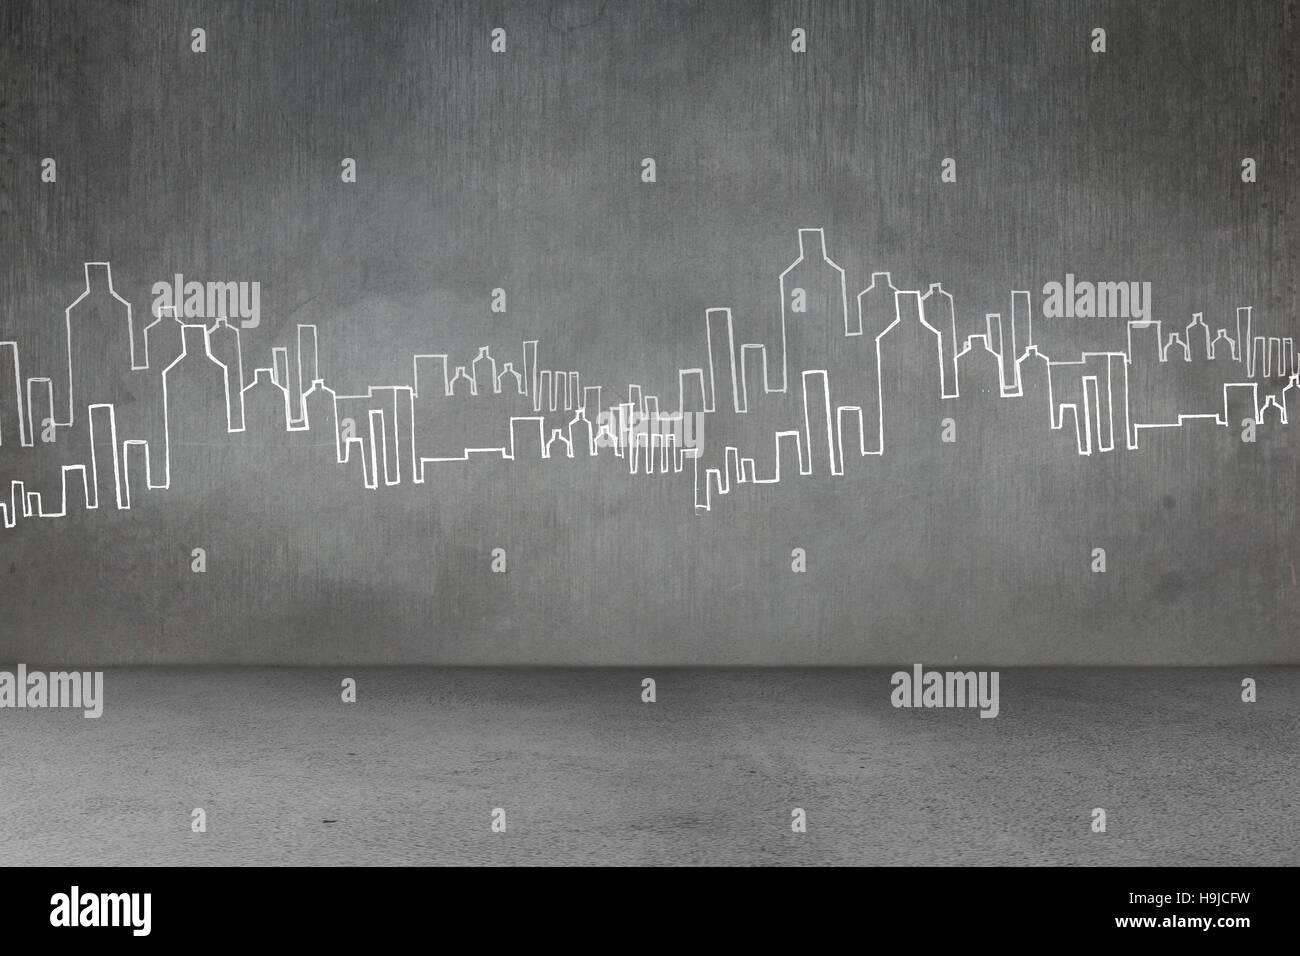 Plan ciudad dibujados a mano Imagen De Stock